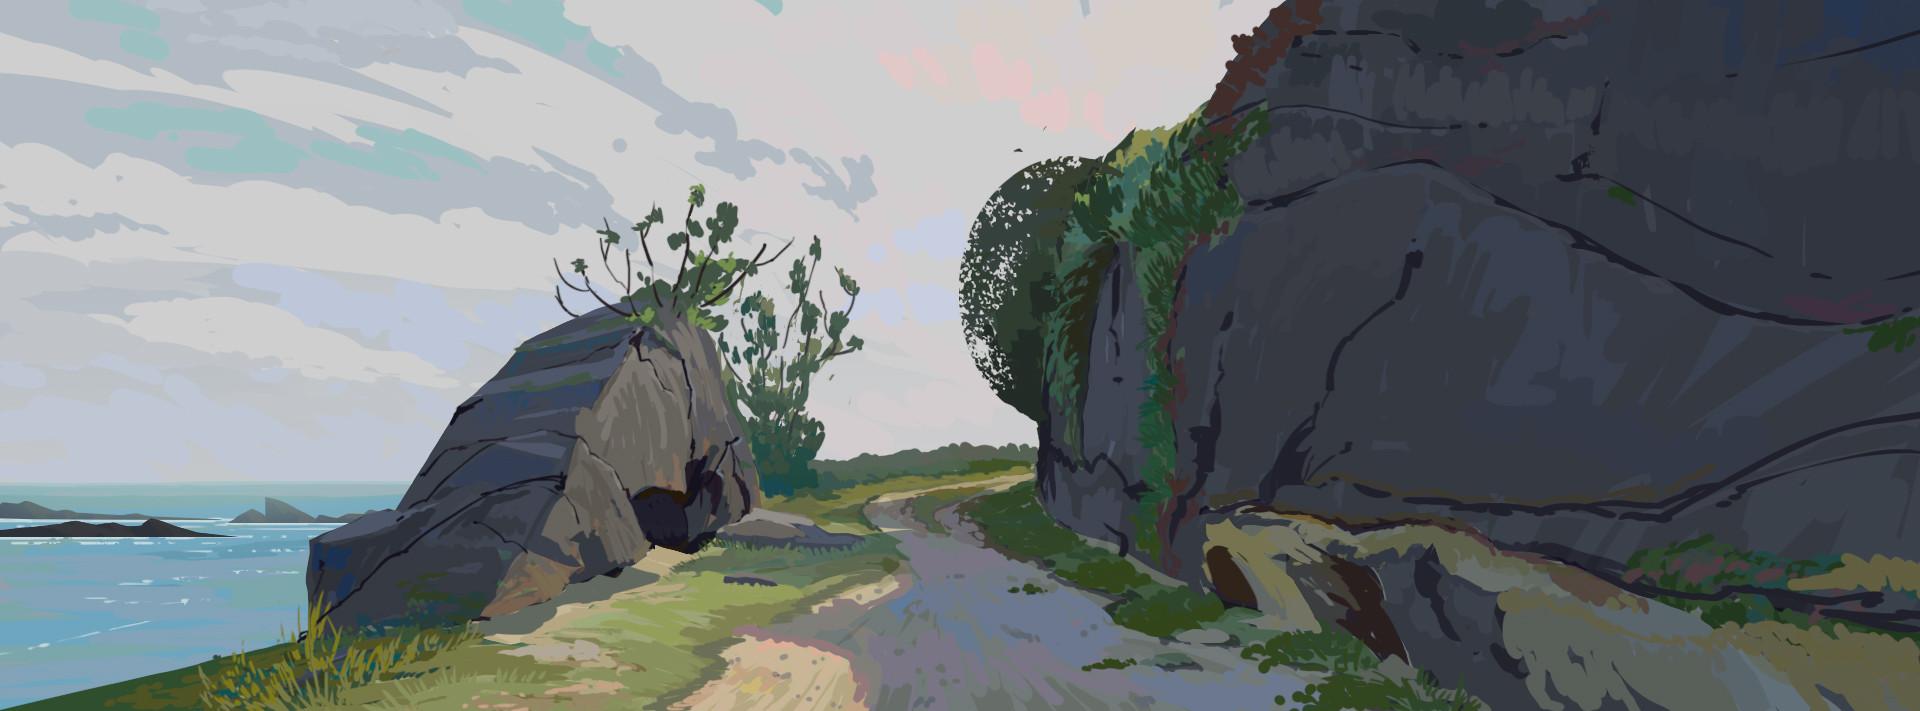 Harrison yinfaowei map crunch bermuda